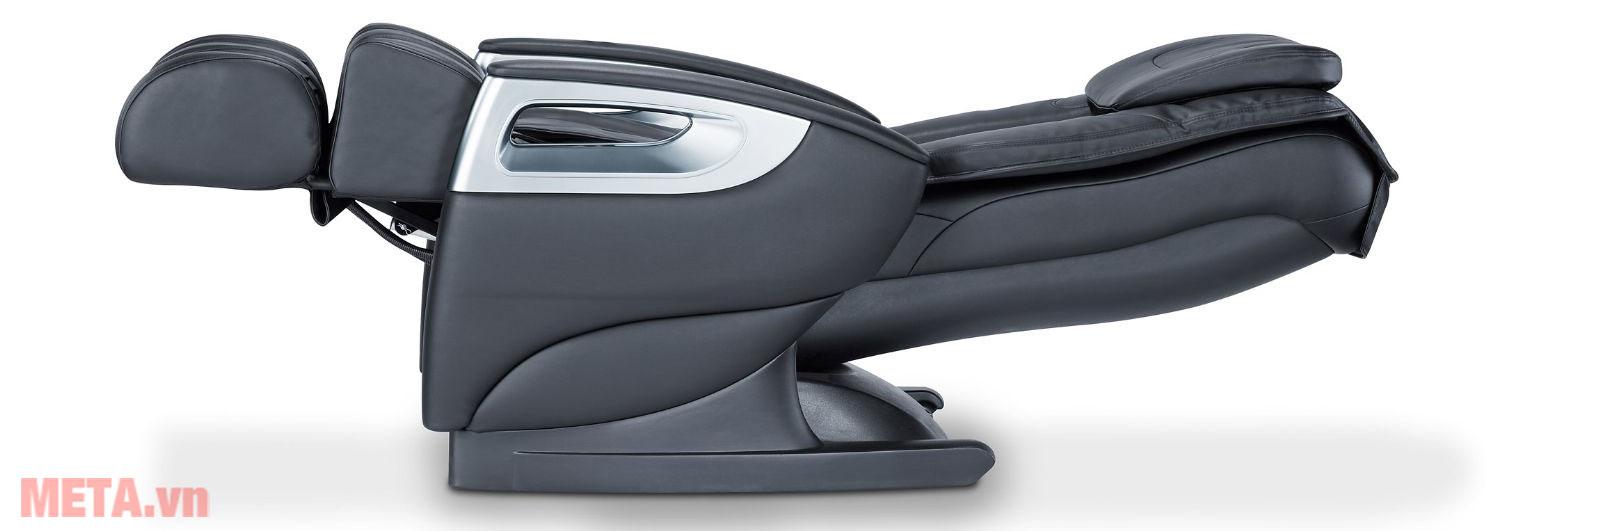 Cách sử dụng ghế massage Beurer hiệu quả